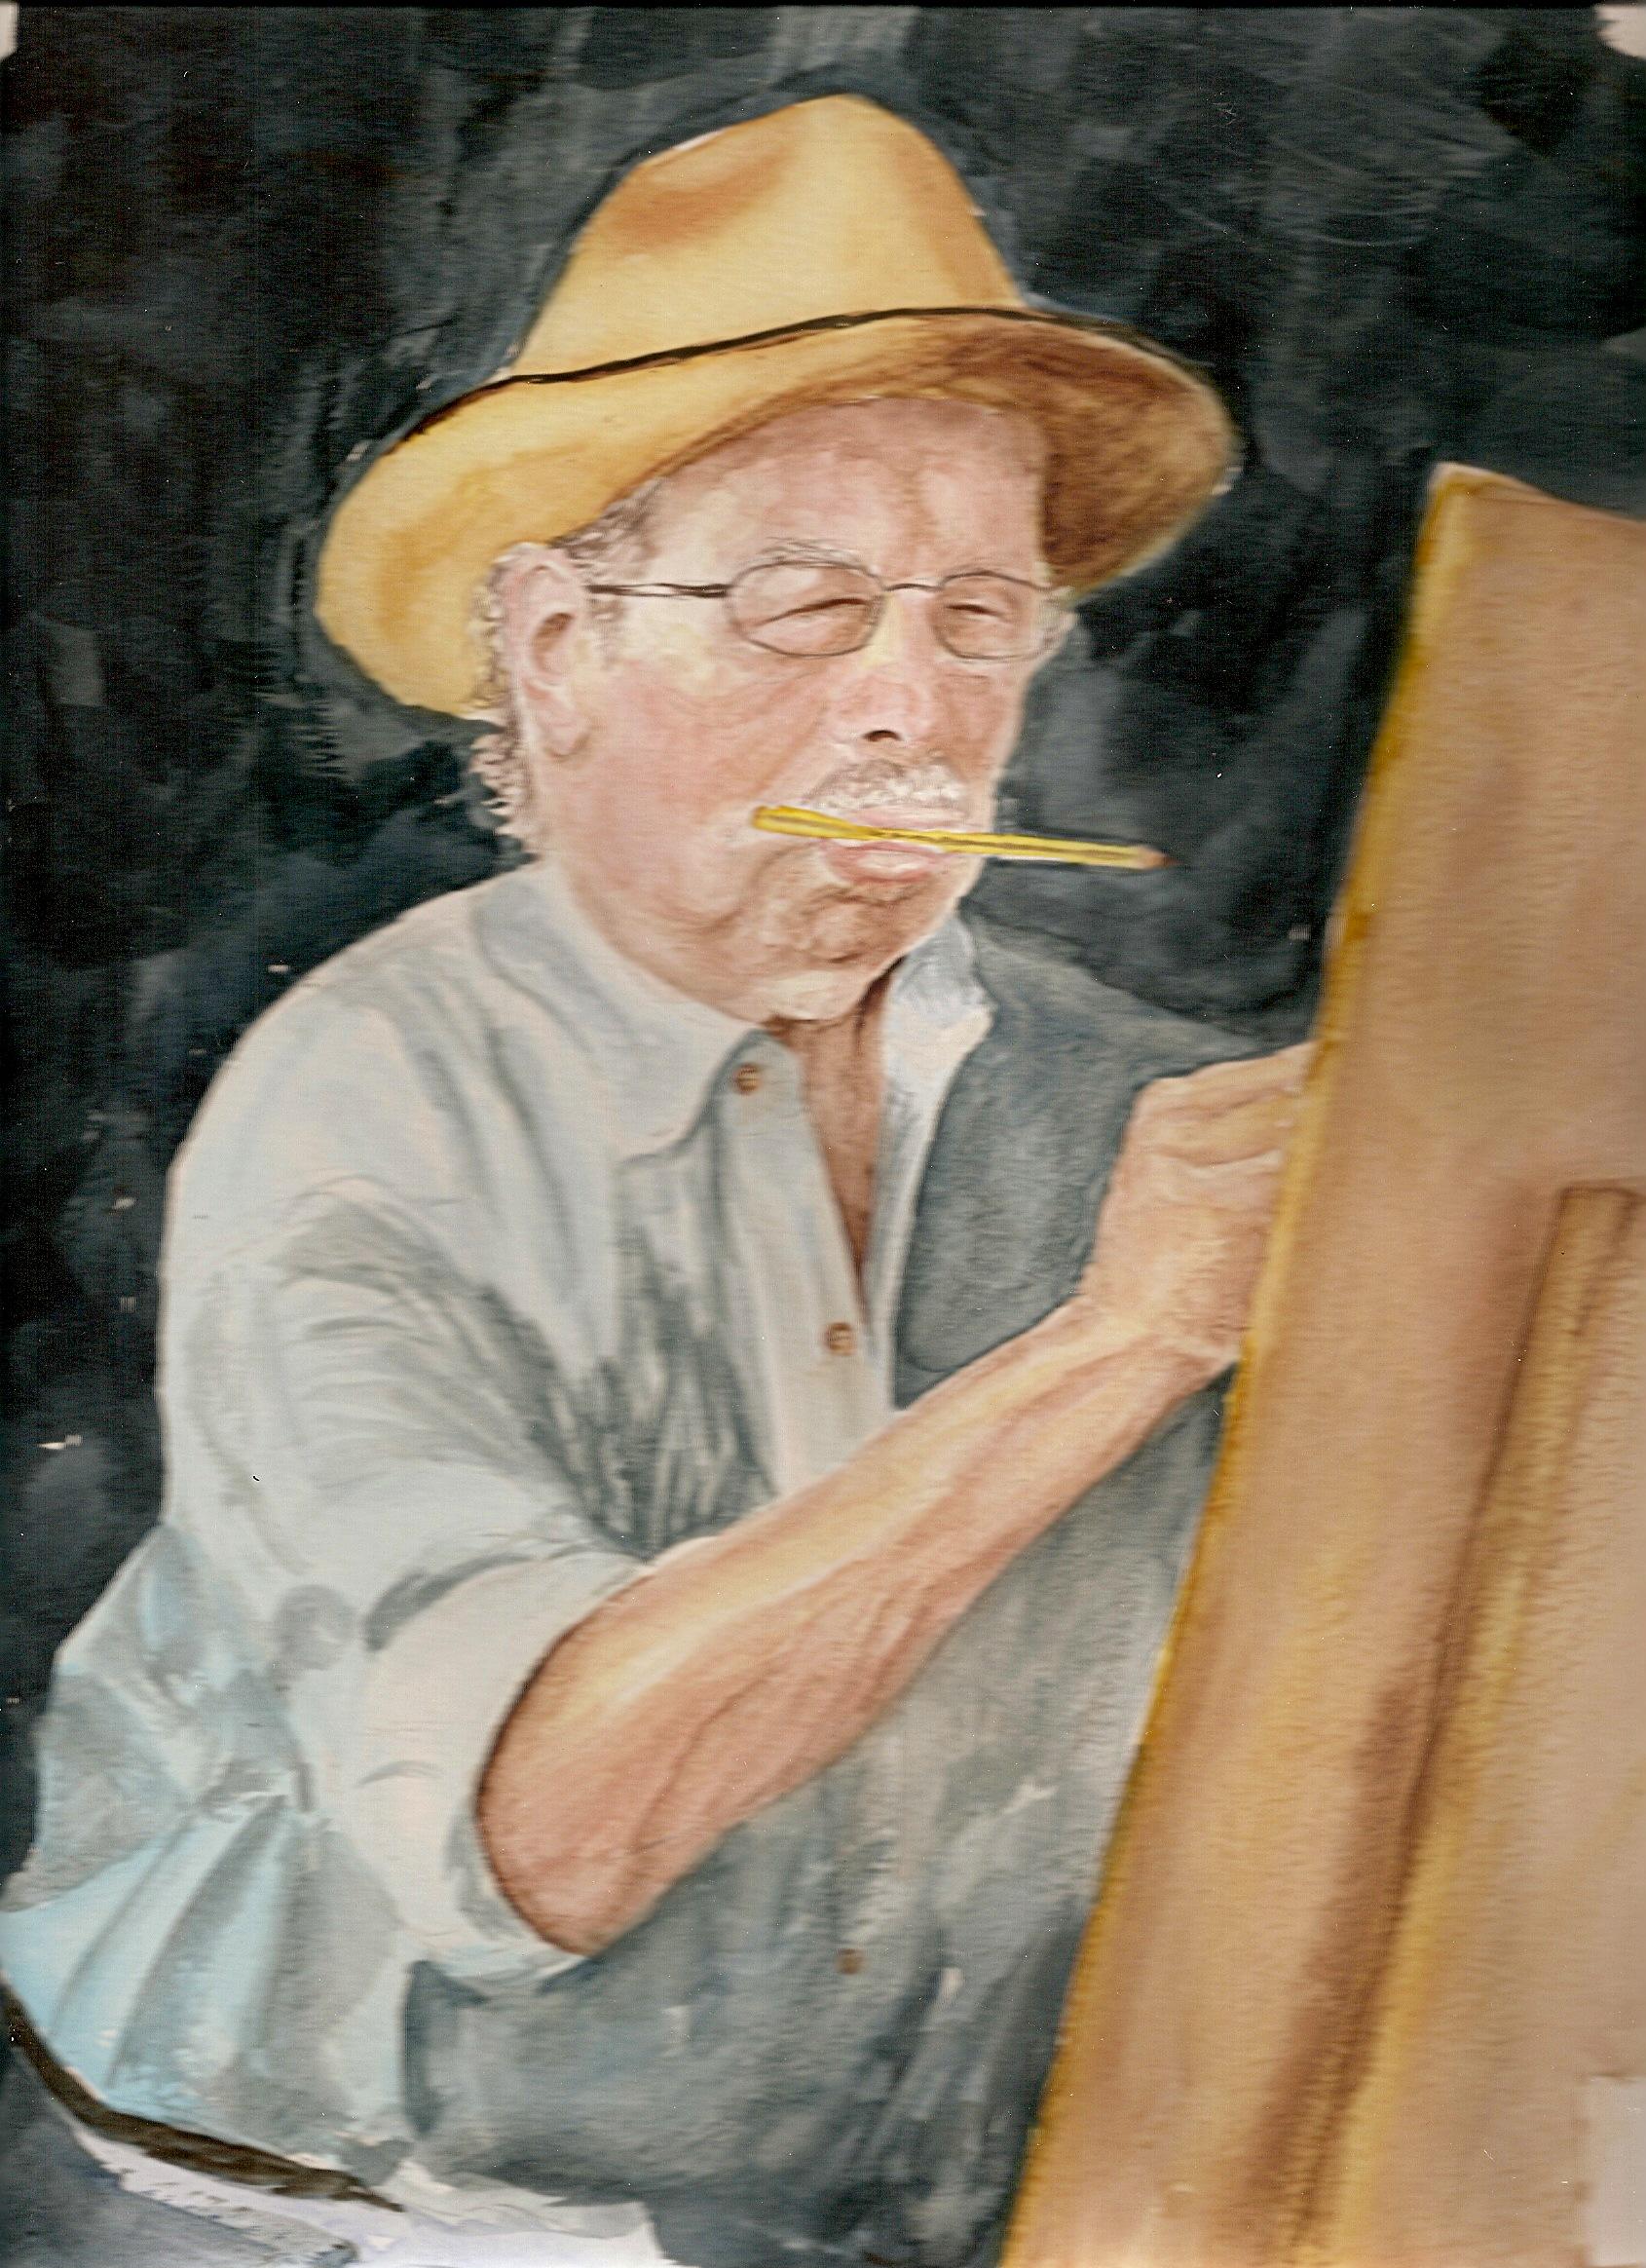 Señor pintando